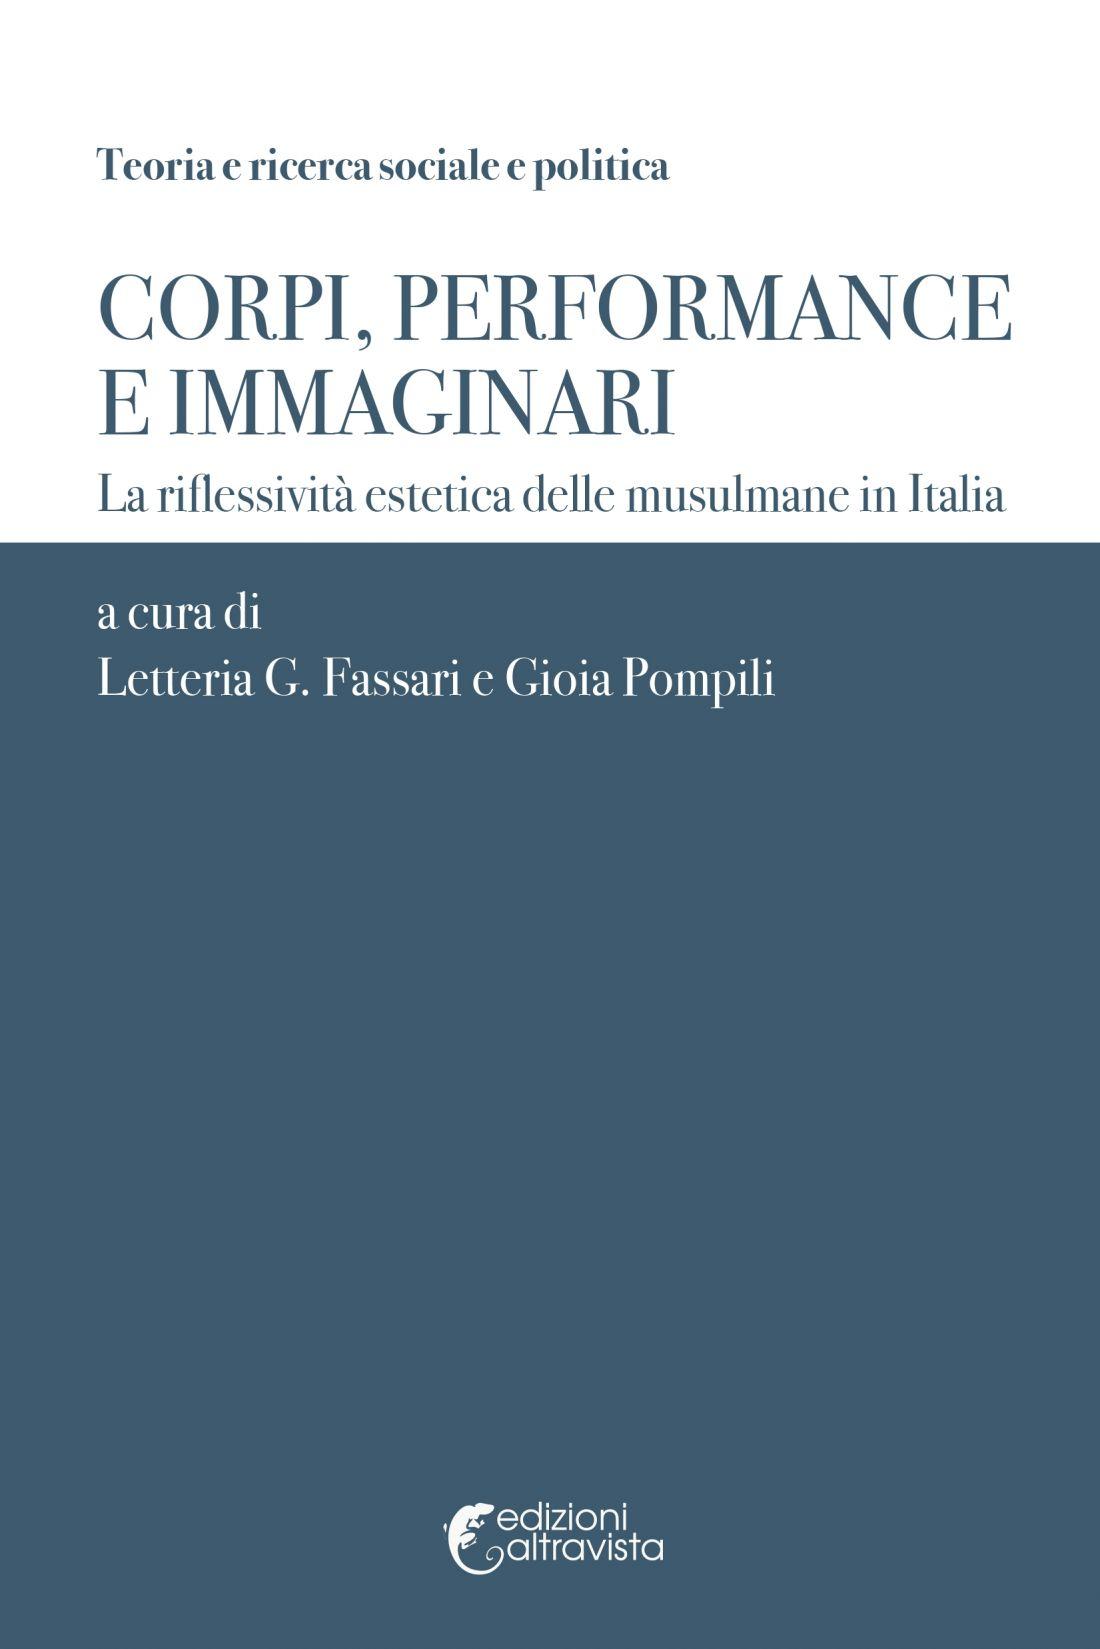 Corpi, performance e immaginari